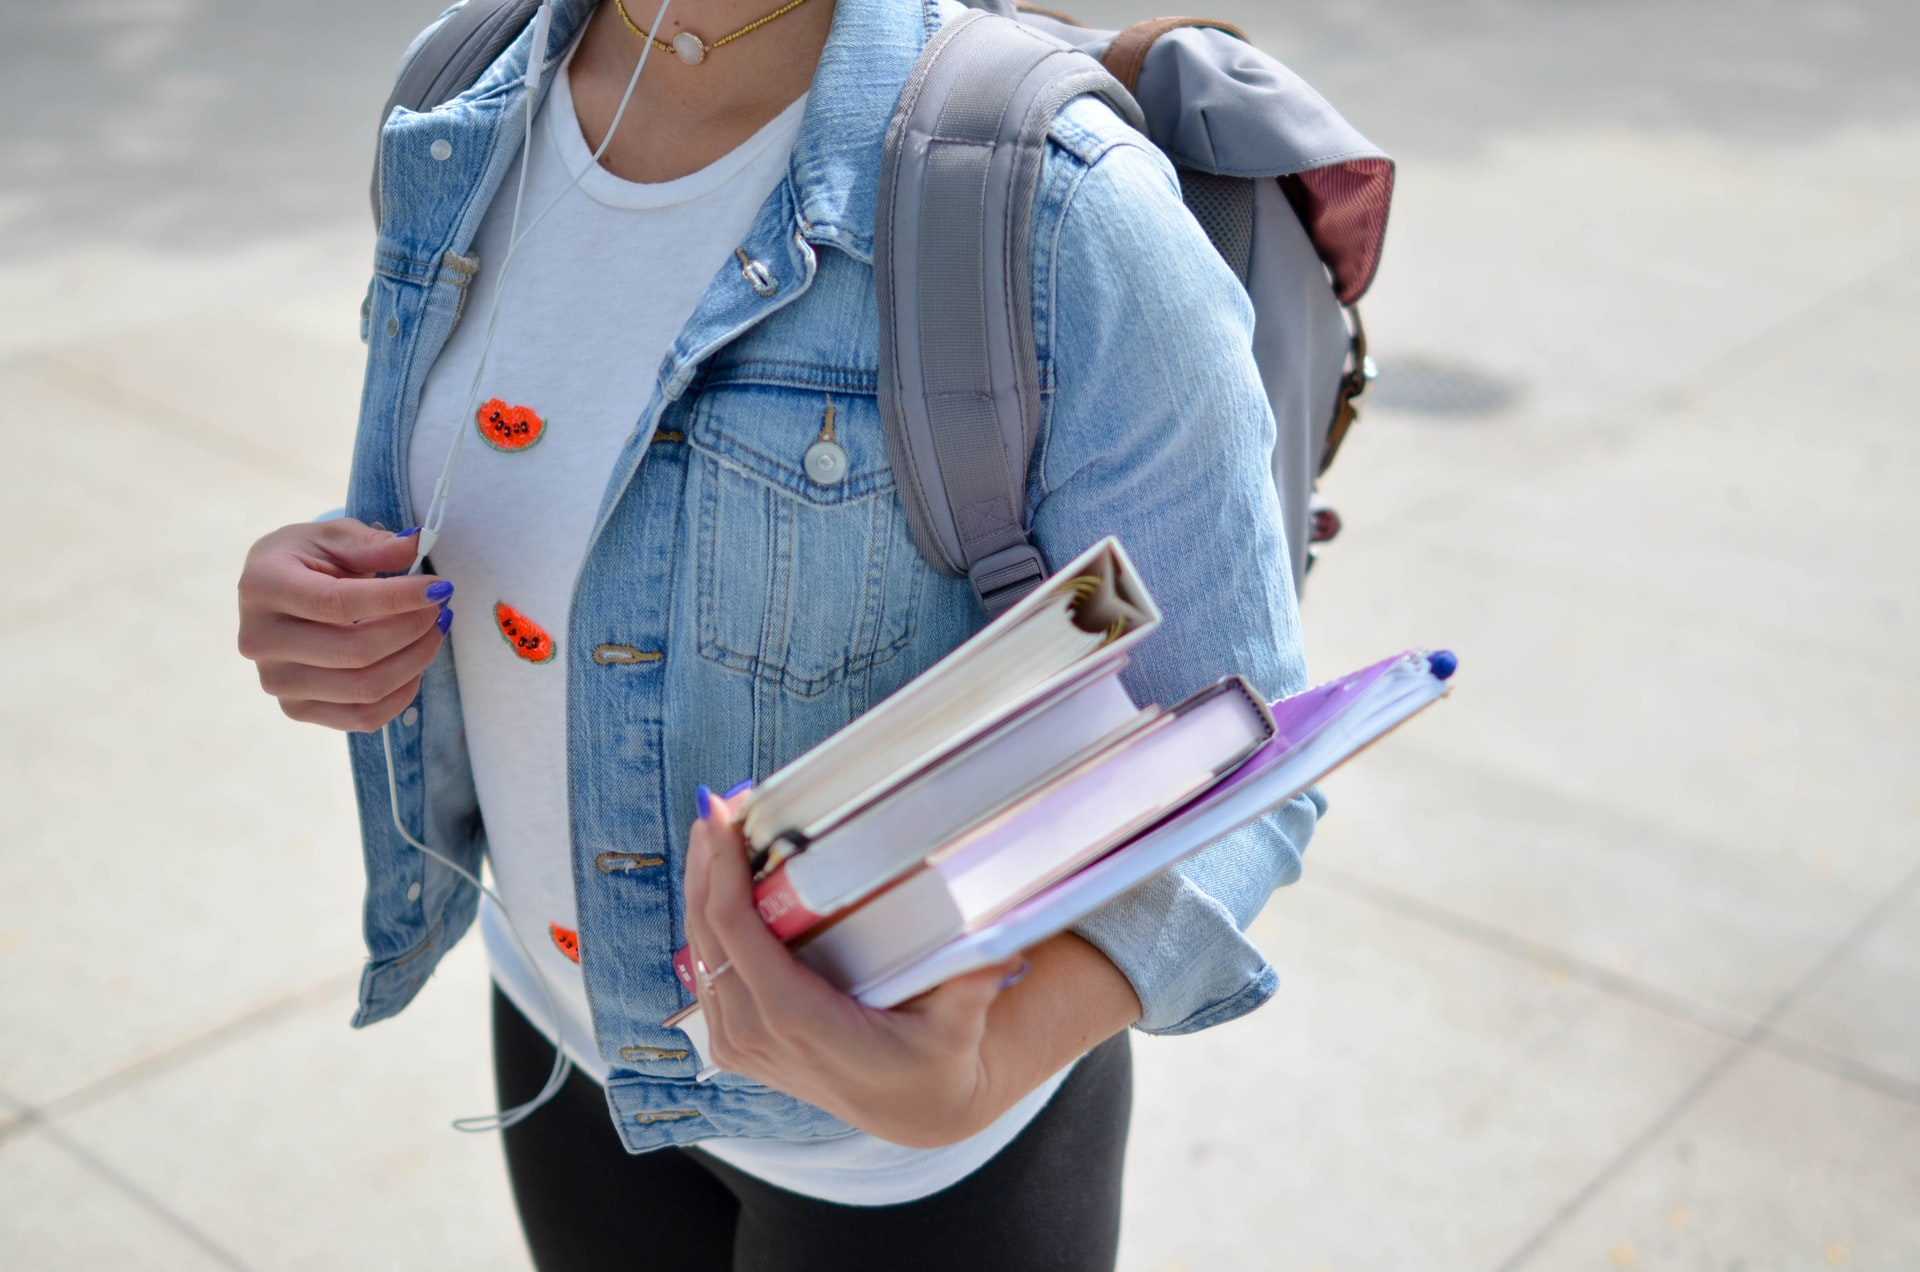 Ilustrasi Mahasiwa Membawa Buku